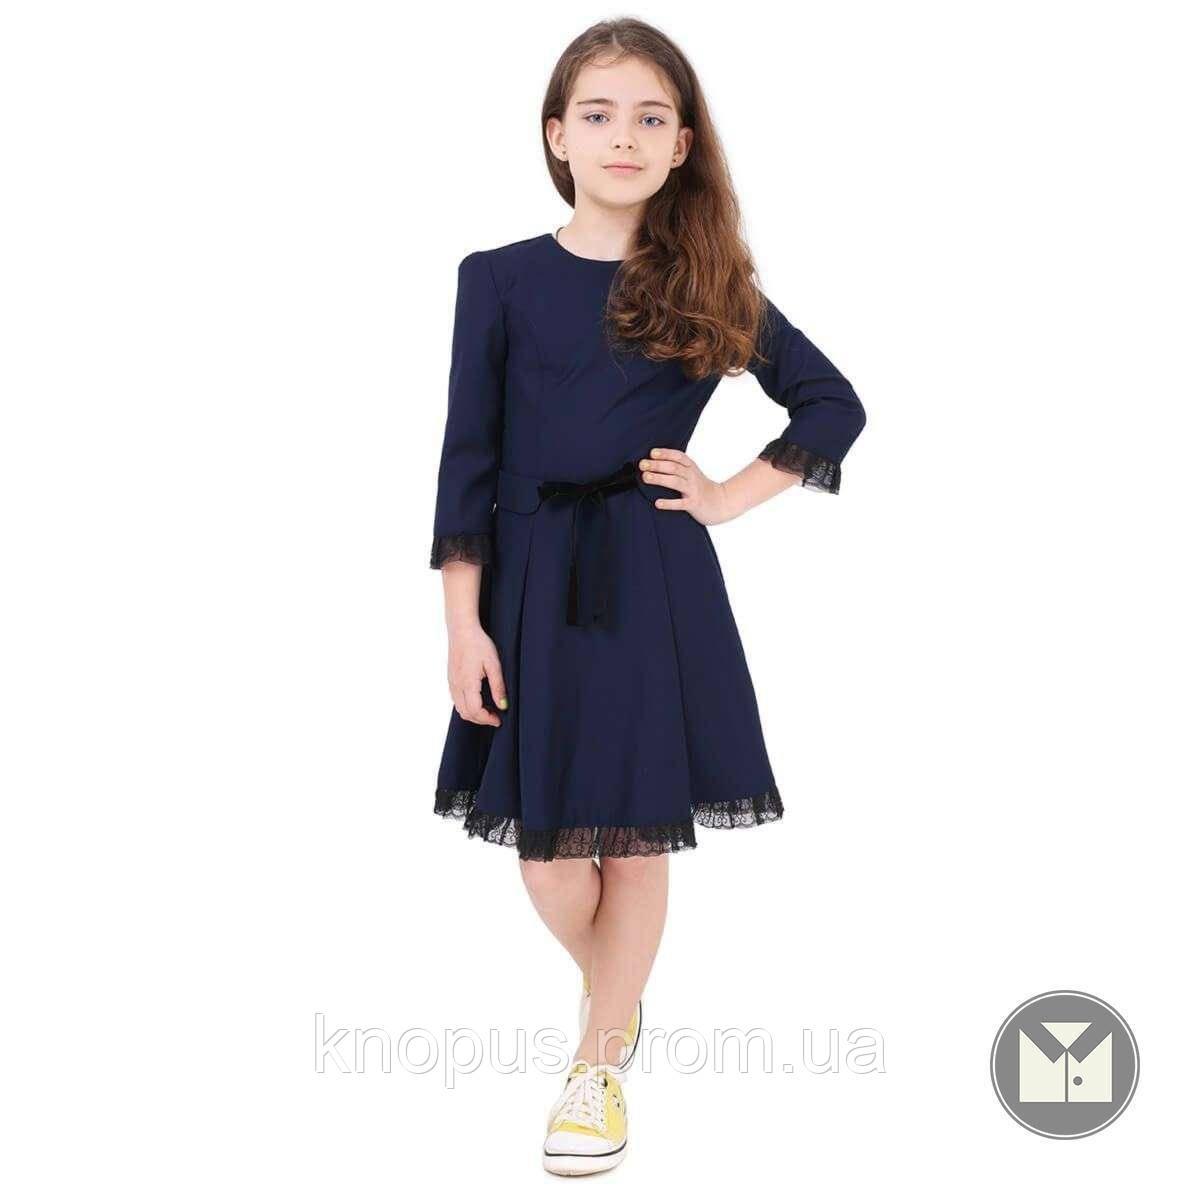 Платье для девочки полушерстяное, рукав 3/4, синее/черное, Timbo